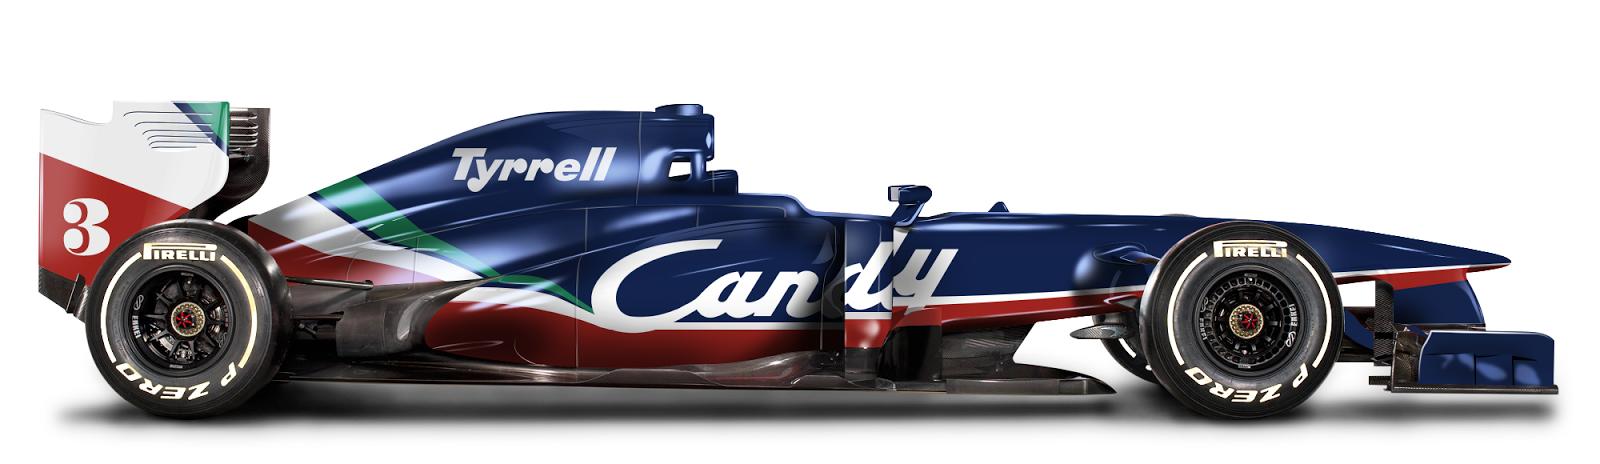 Retro F1 Car Tyrrell 1980 De Bastiani Design